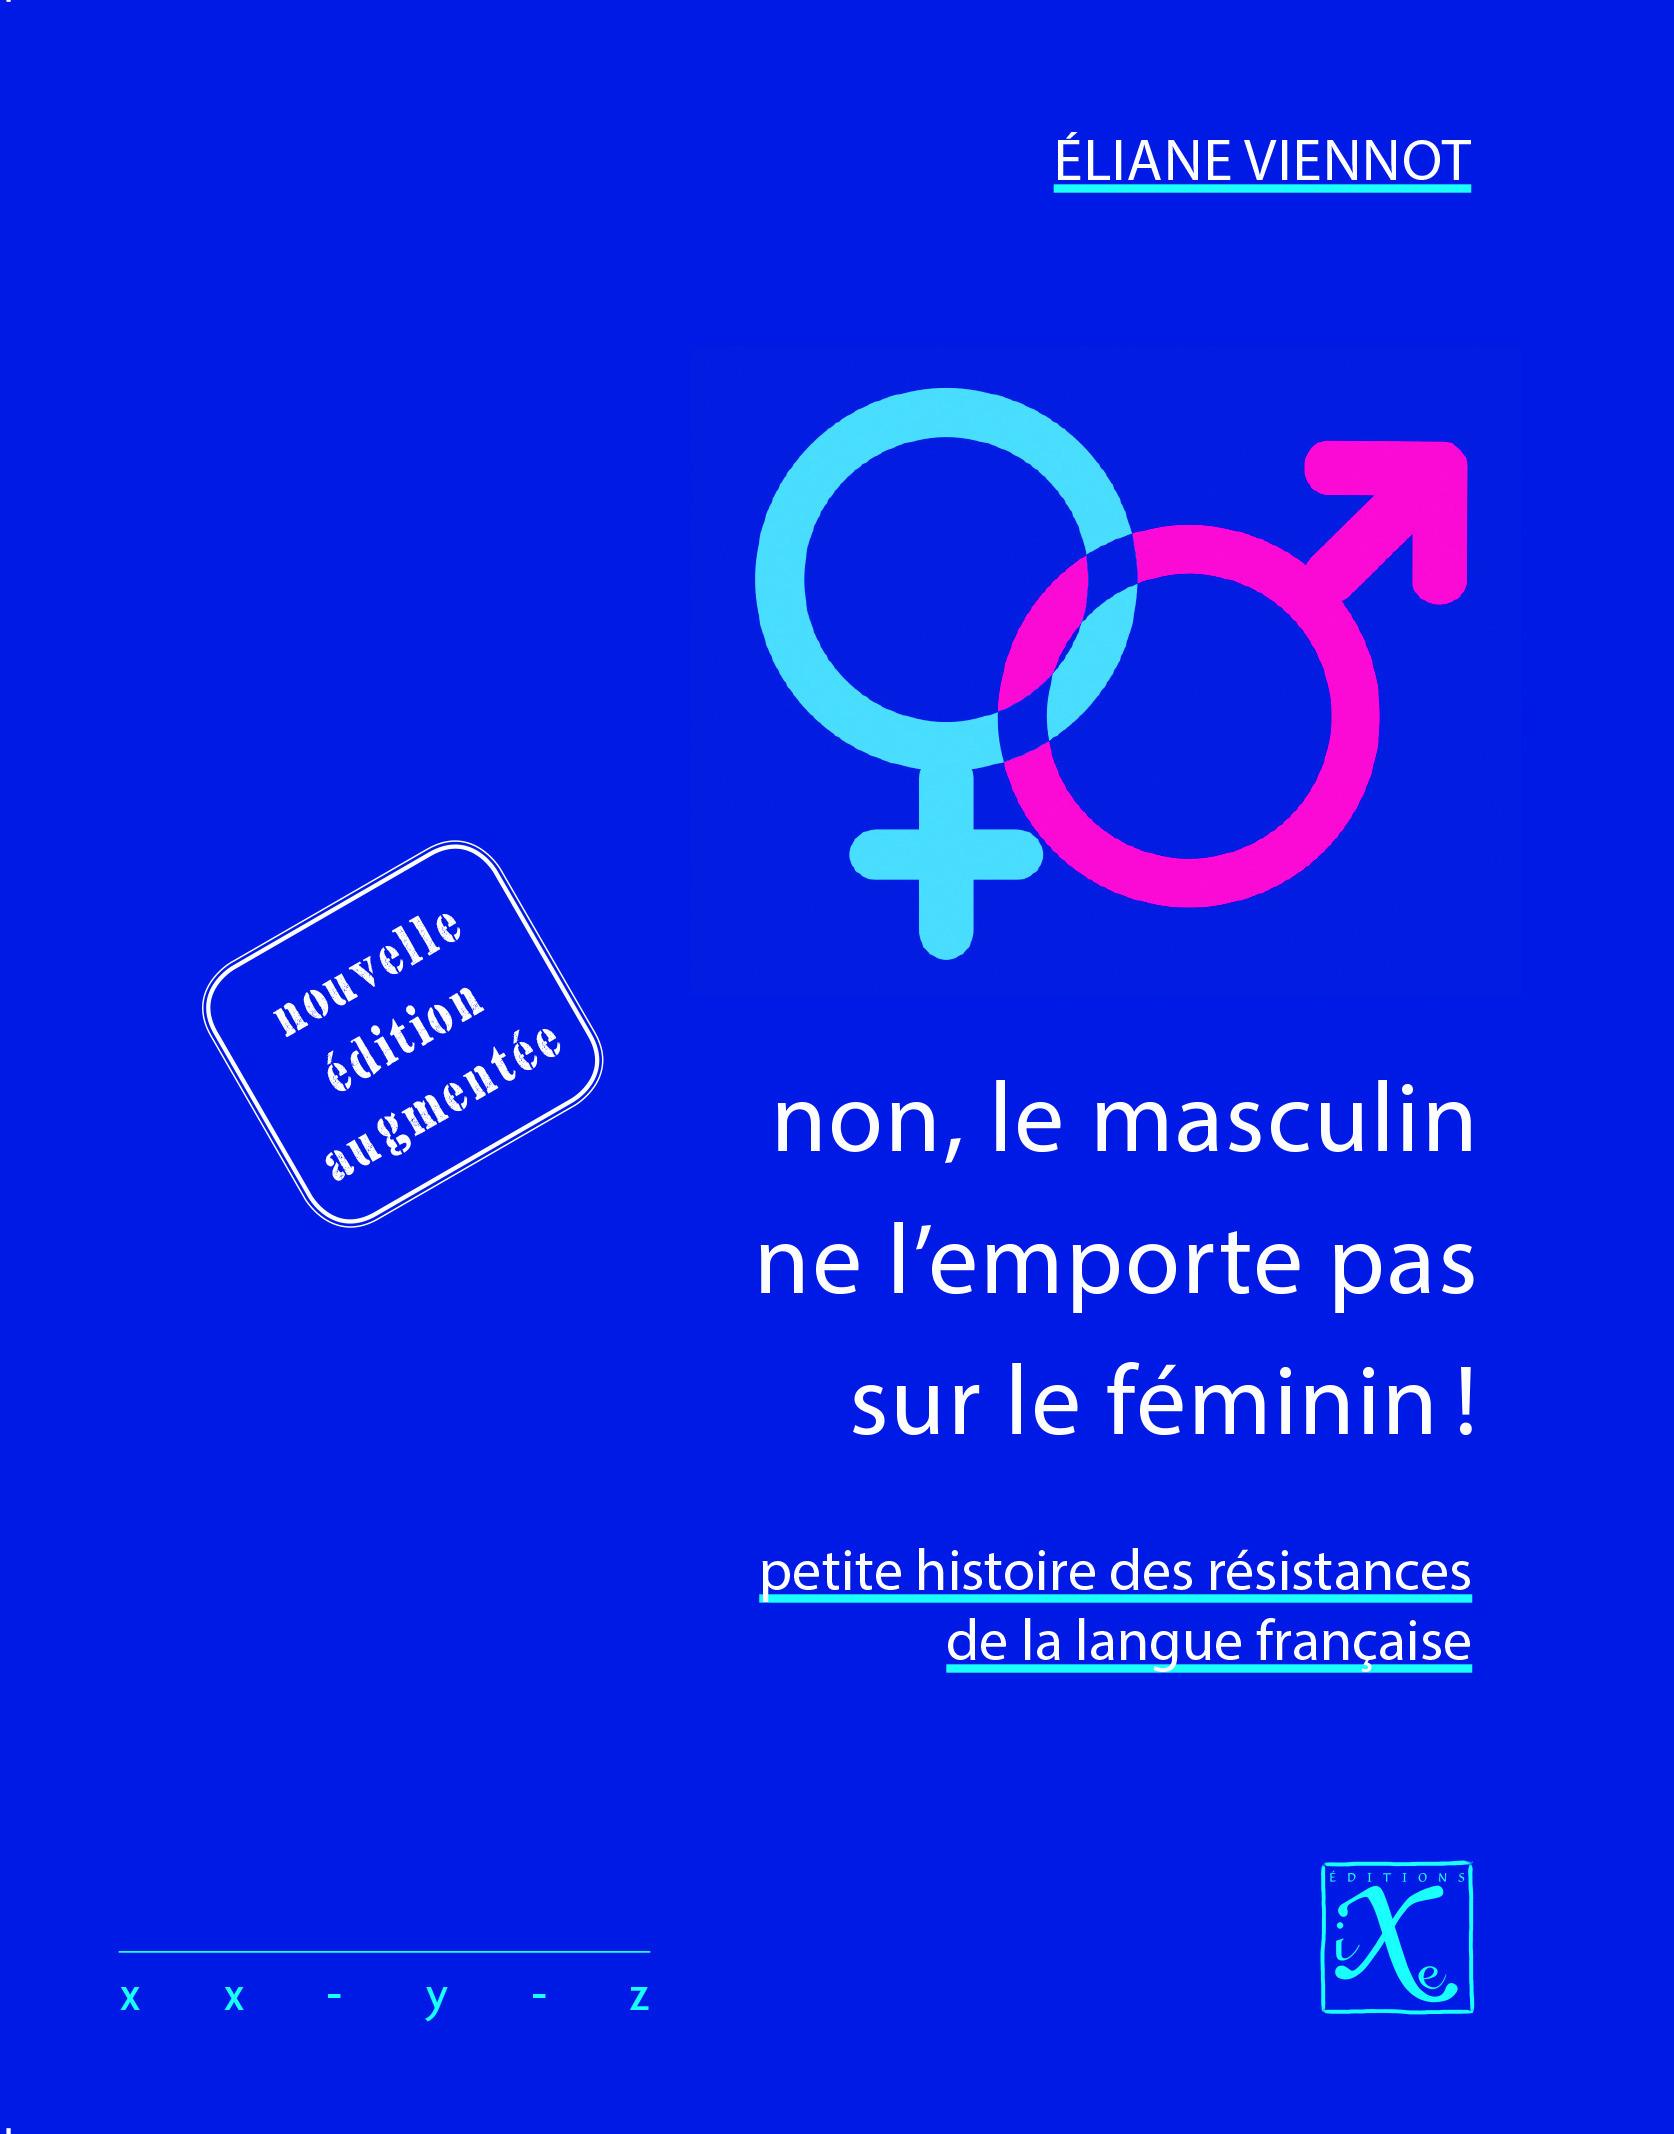 Non, le masculin ne l'emporte pas sur le féminin ! petite histoire des résistances de la langue française